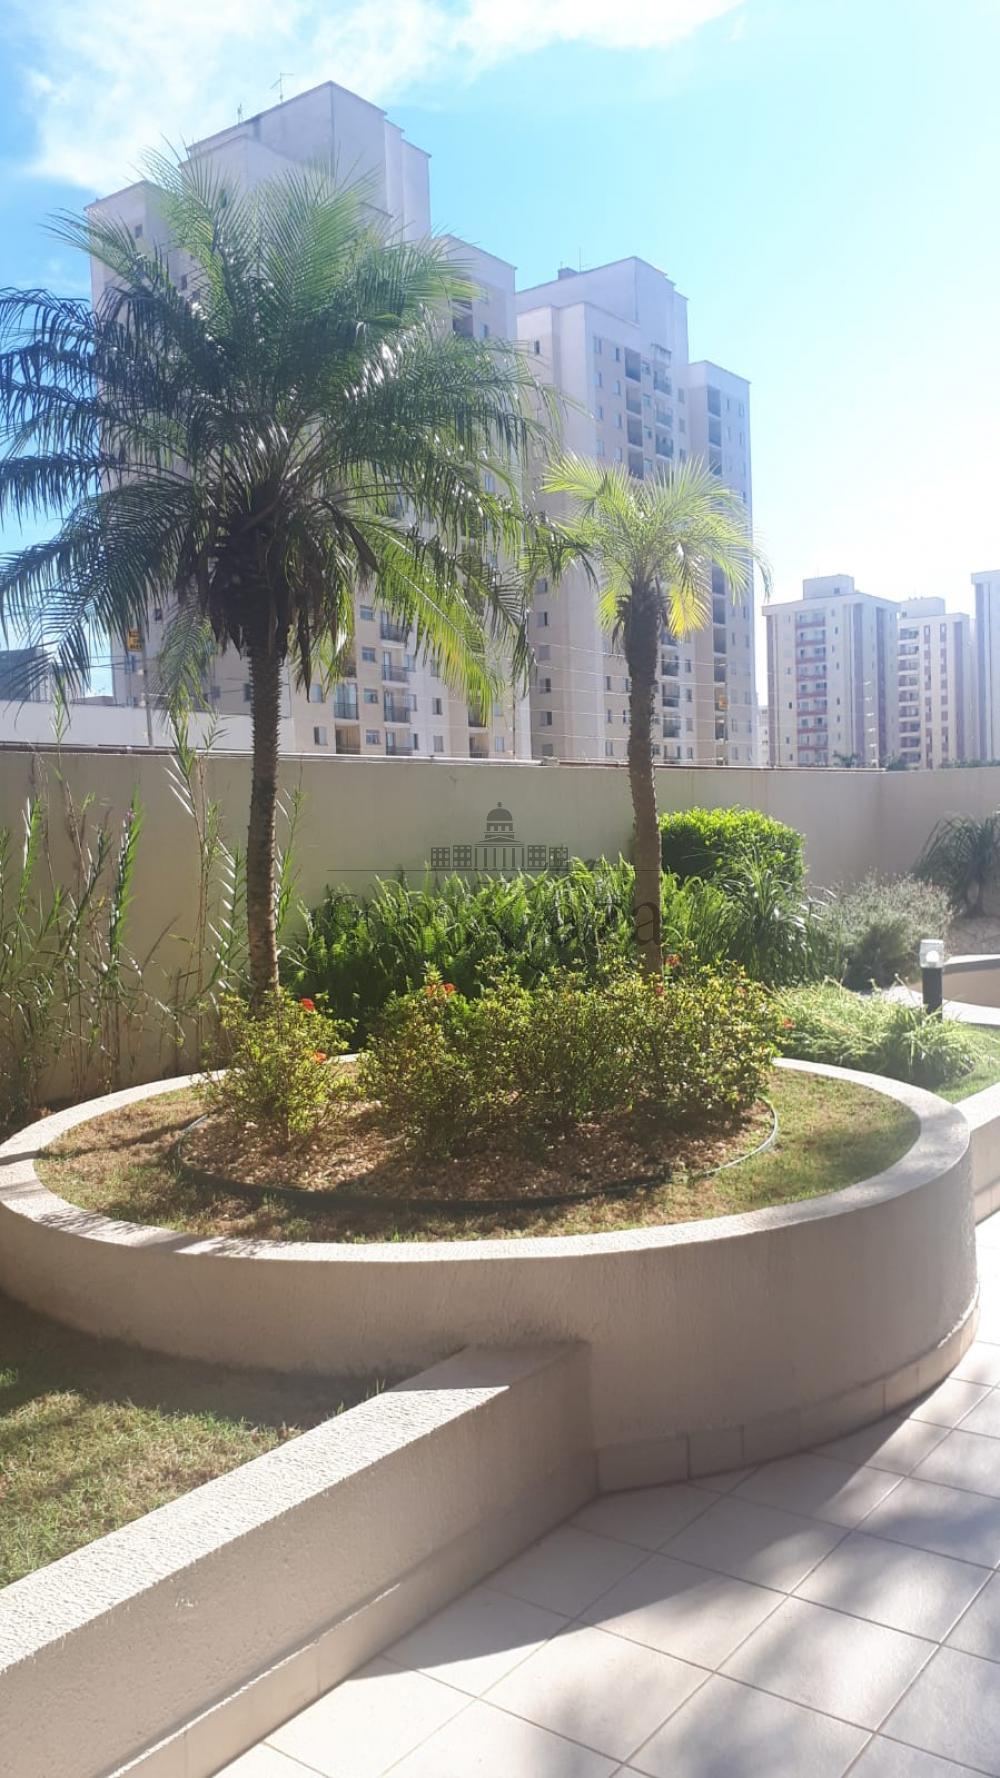 alt='Comprar Apartamento / Padrão em São José dos Campos R$ 420.000,00 - Foto 25' title='Comprar Apartamento / Padrão em São José dos Campos R$ 420.000,00 - Foto 25'